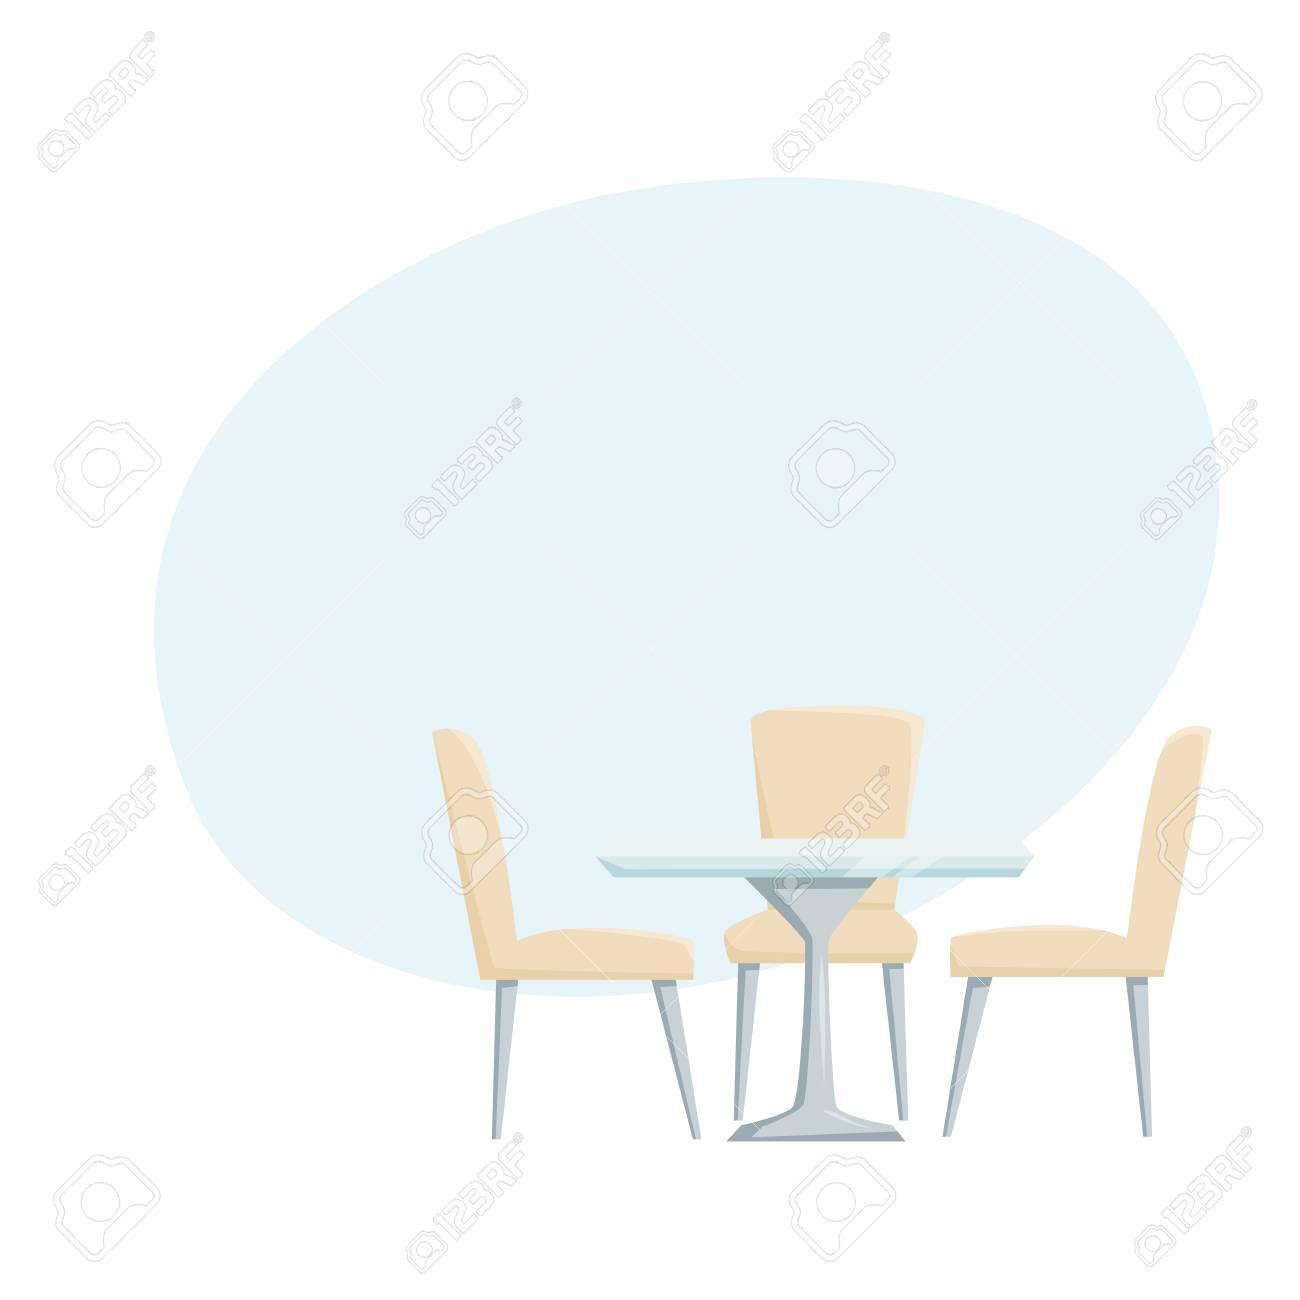 moderne moebel fuer haus, moderne tisch und stühle möbel für büro, café, restaurant, haus, Design ideen